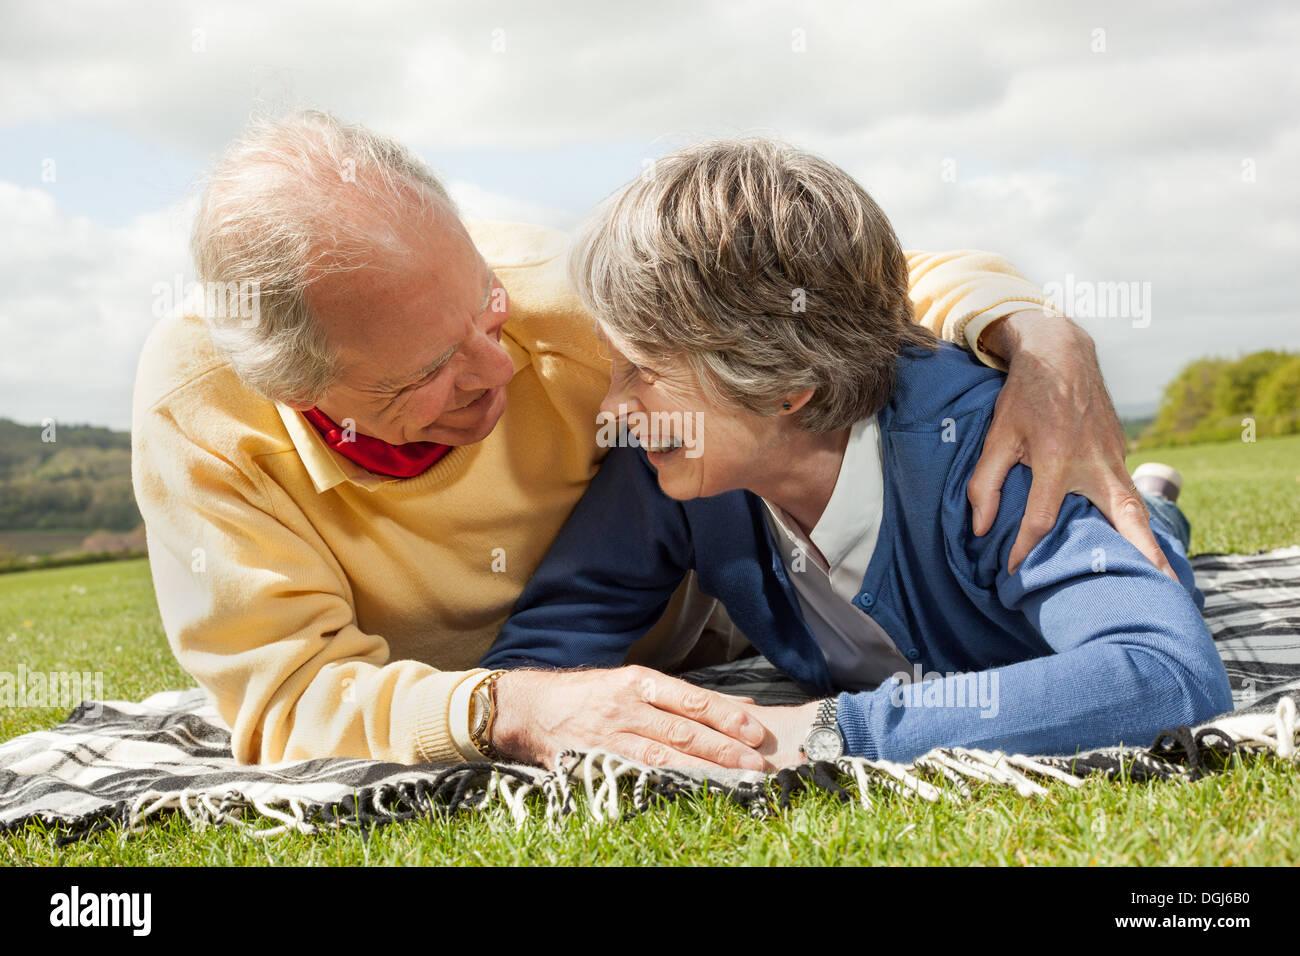 El marido y la mujer recostada sobre el estómago en una manta en el campo Foto de stock